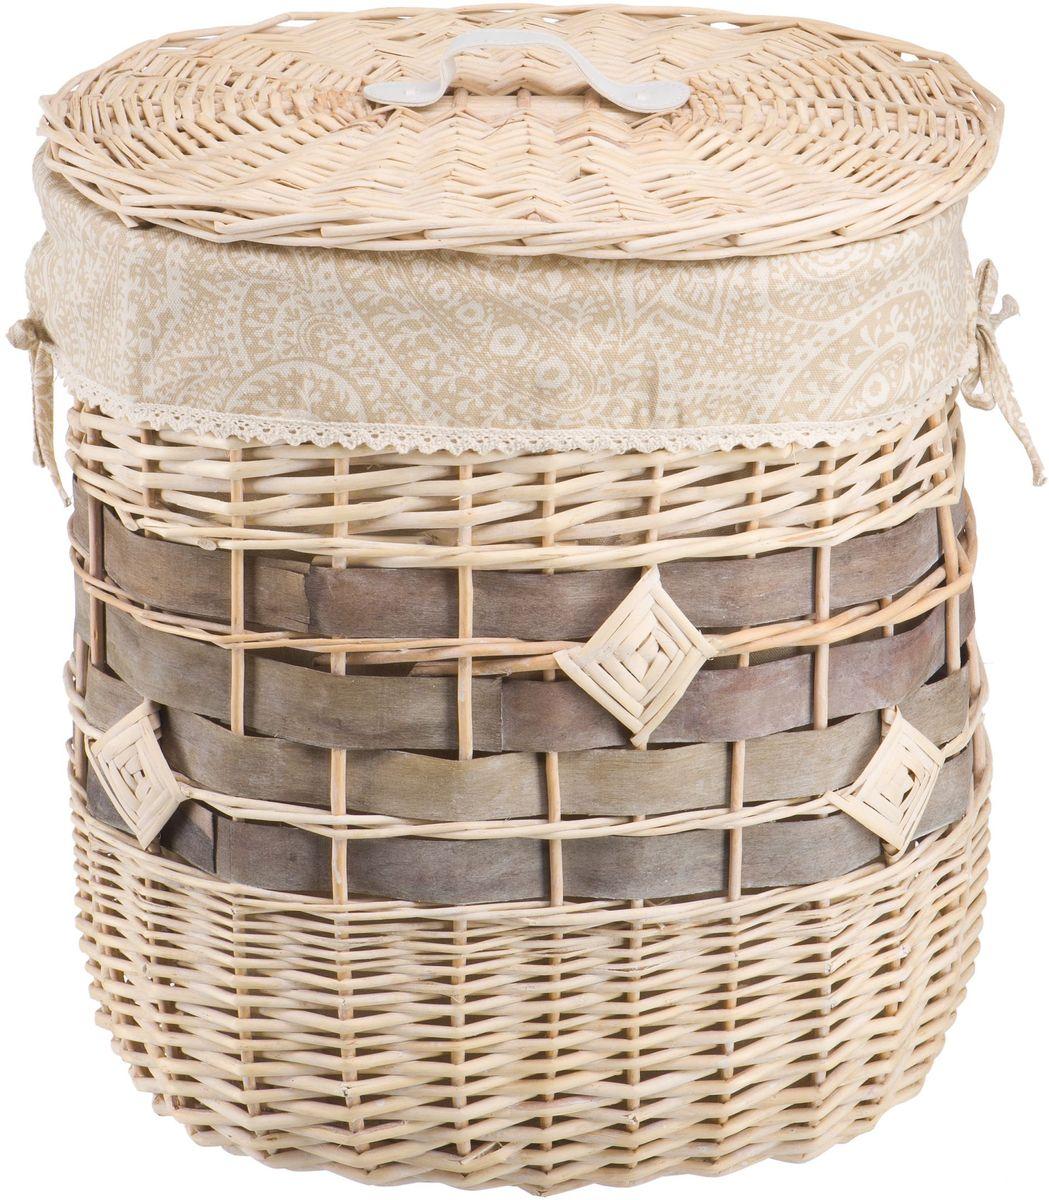 Корзина для белья Natural House Ромбики, цвет: молочный, 34 х 26 х 37 см391602Бельевая корзина из лозы ивы не только удобна, практична, но и прекрасно выглядит. Высокое качество и натуральные материалы гармонично сочетаются и создают в доме уют и теплое настроение. В комплекте с корзиной идет съемный чехол, который легко снимается и стирается.